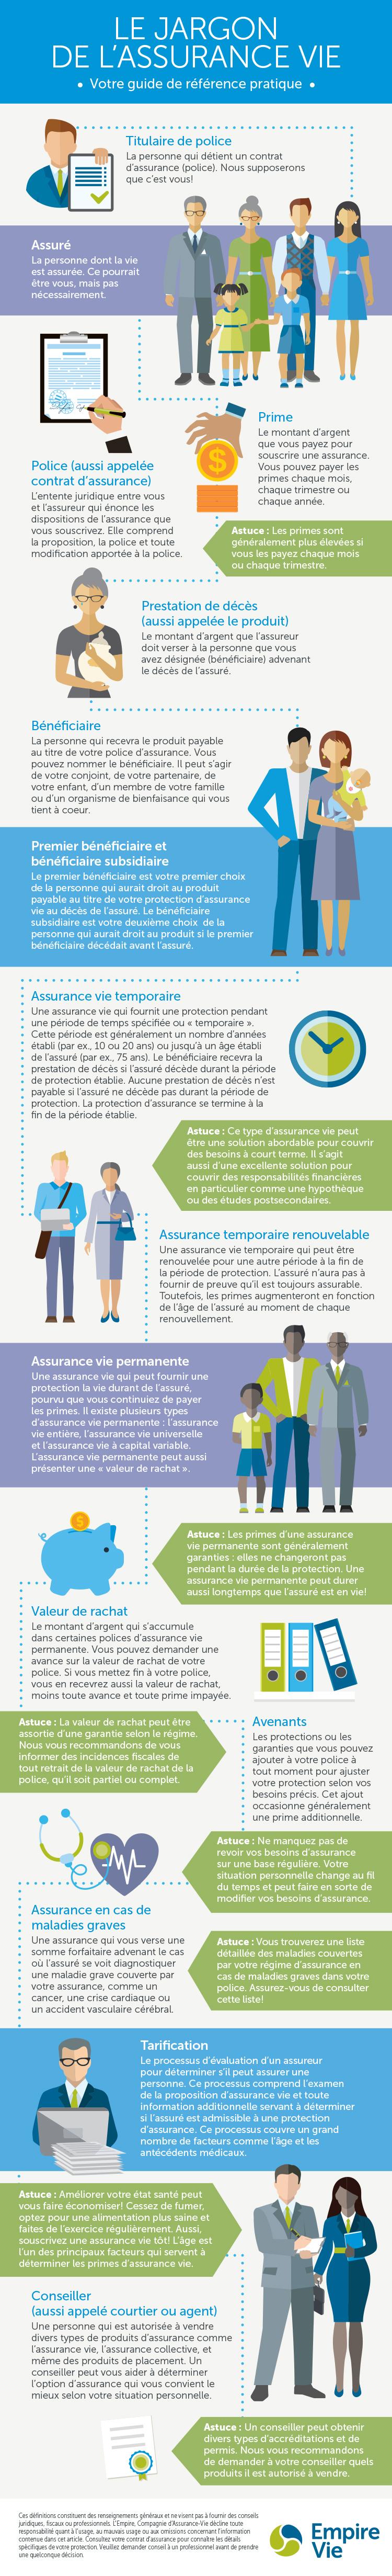 Le jargon de l'assurance vie